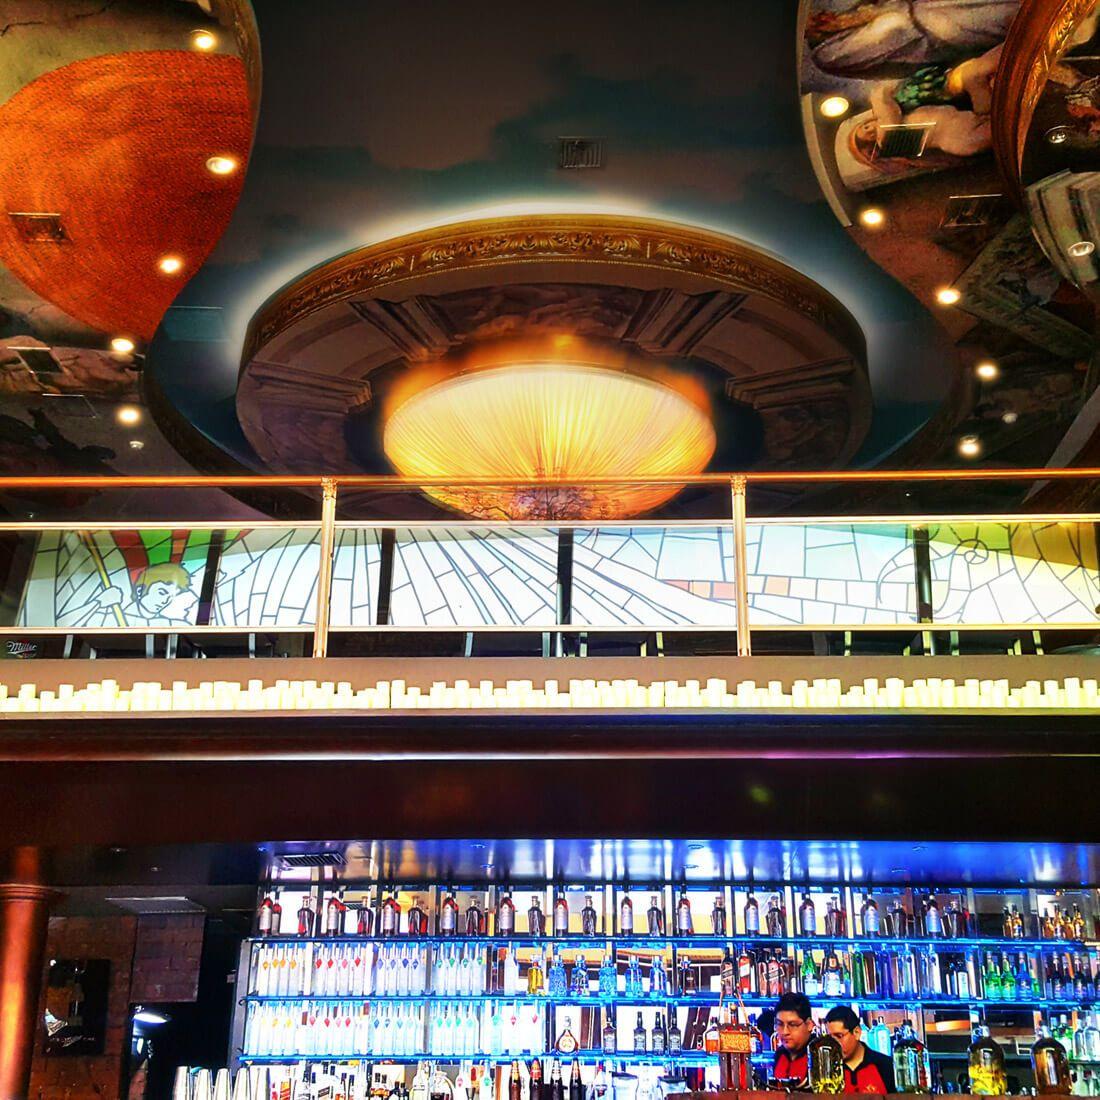 LA BASILICA 640 Restaurante - Reserva en restaurantes de Comida FUSIóN - SANTIAGO DE SURCO - MESA 24/7 | LIMA - Perú